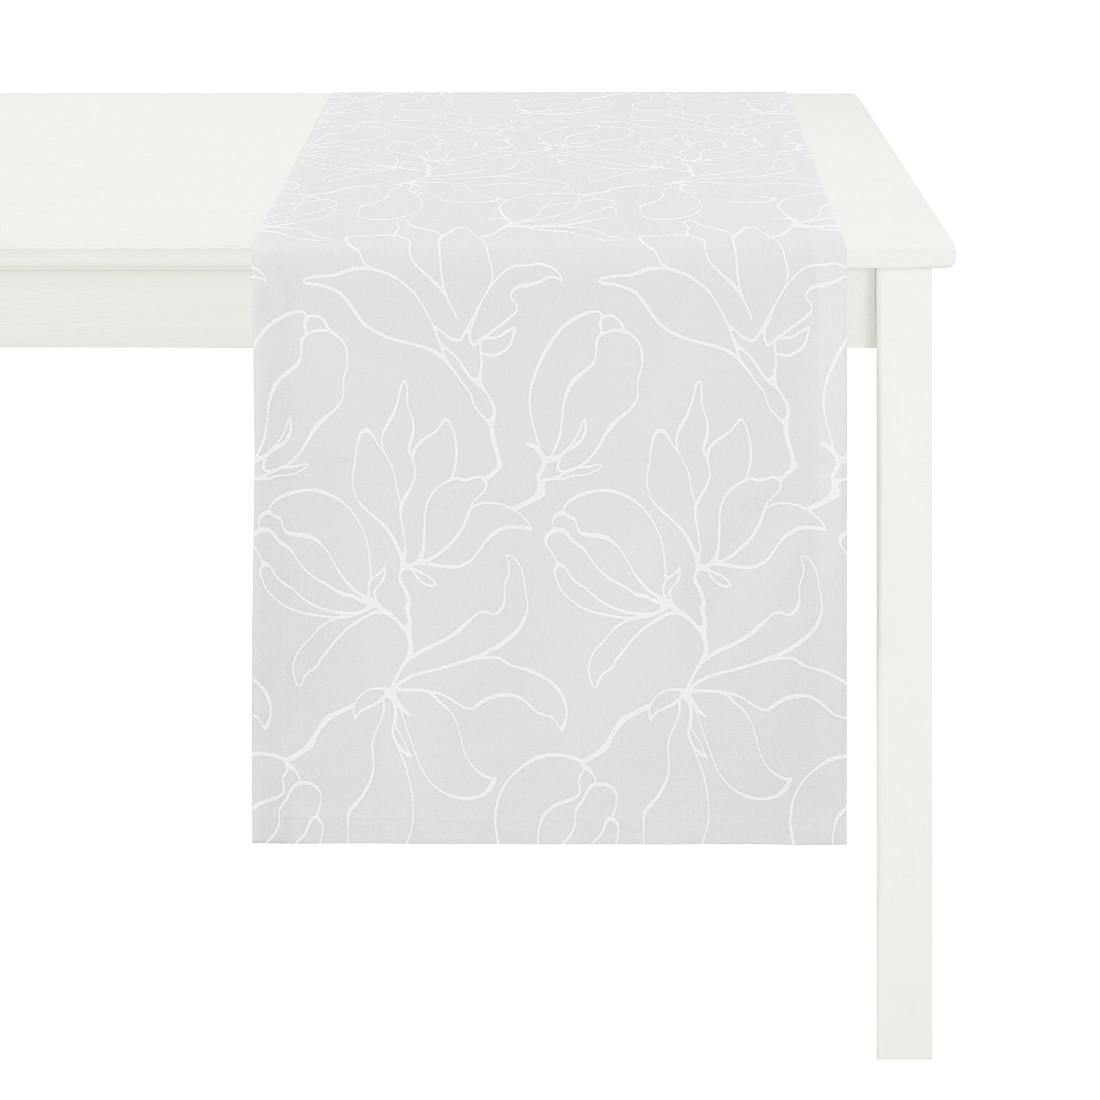 Tischläufer Magnolia – Anthrazit, Apelt jetzt kaufen